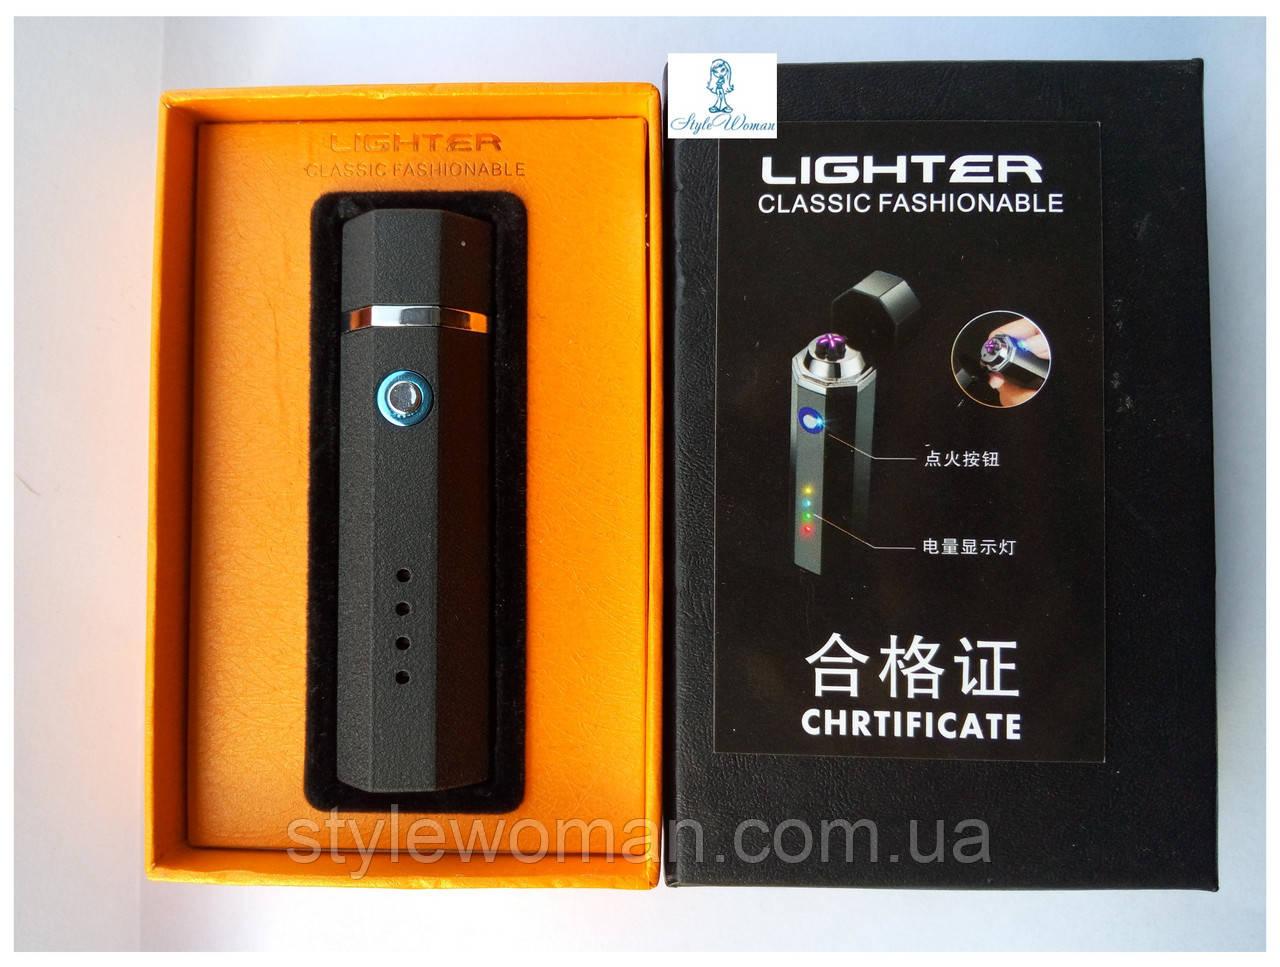 Електро-імпульсна USB запальничка HL-28 з двома перехресними блискавками чорна